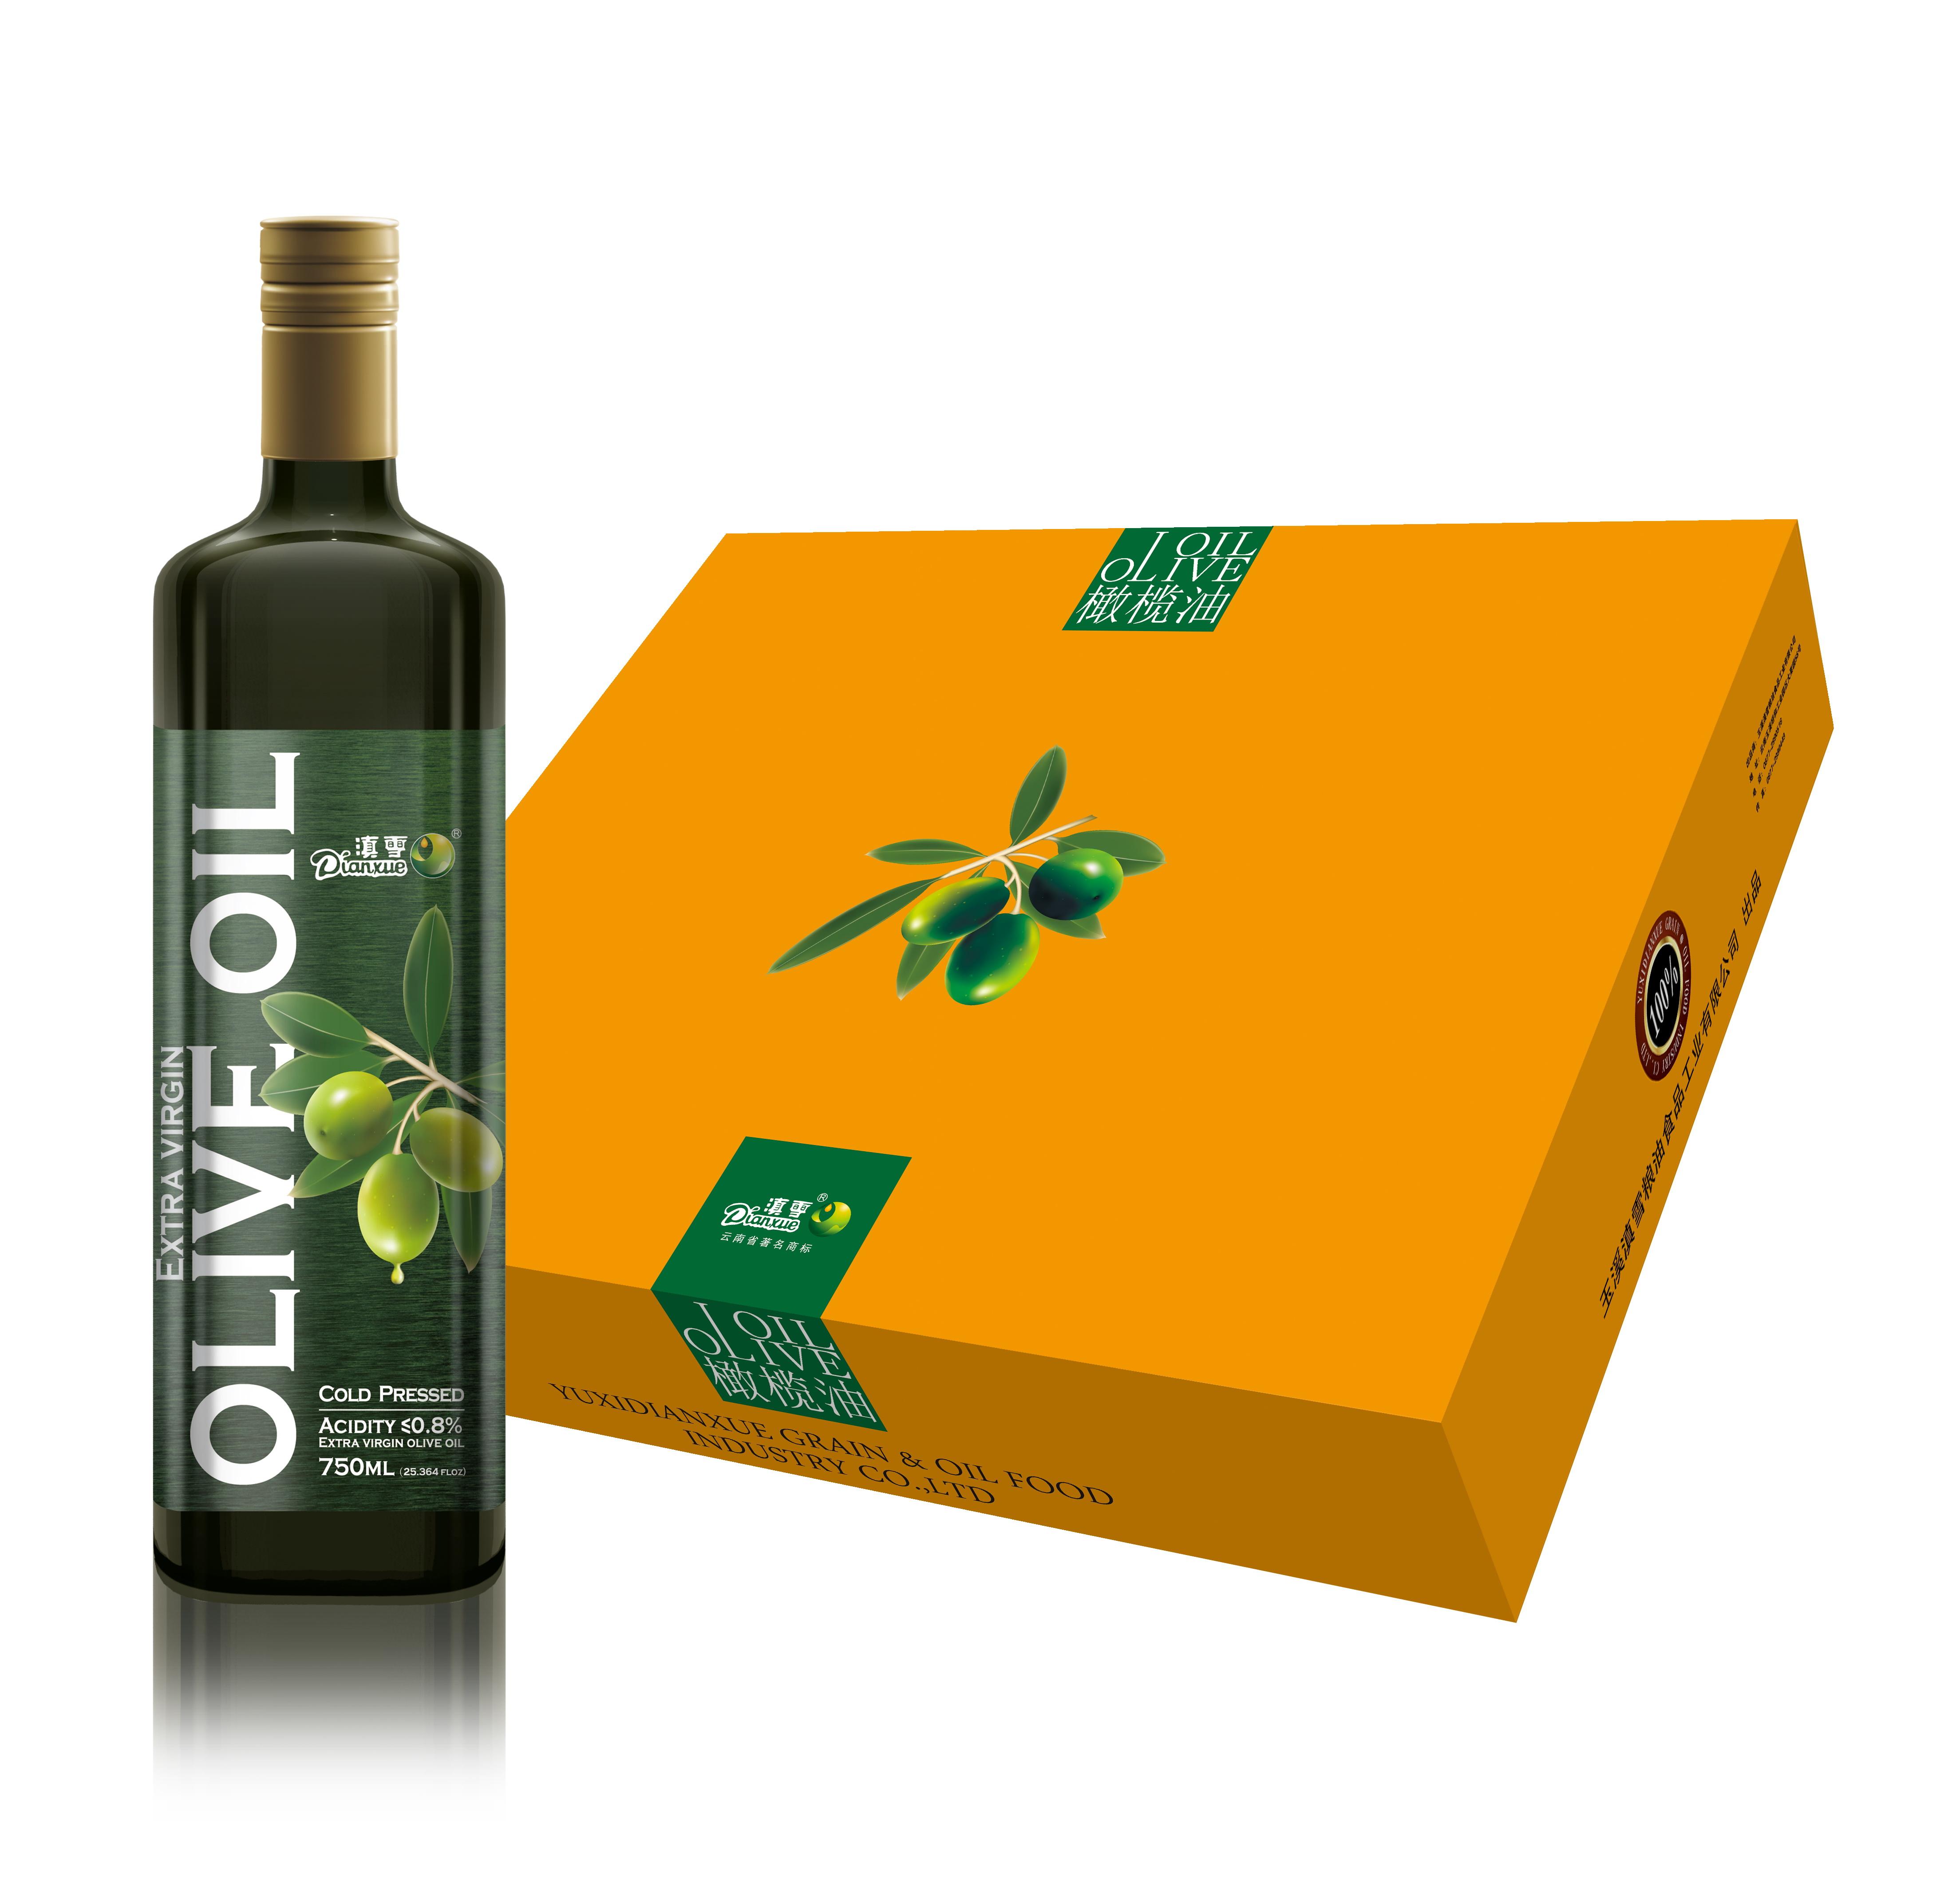 初榨橄榄油礼盒-一级.jpg